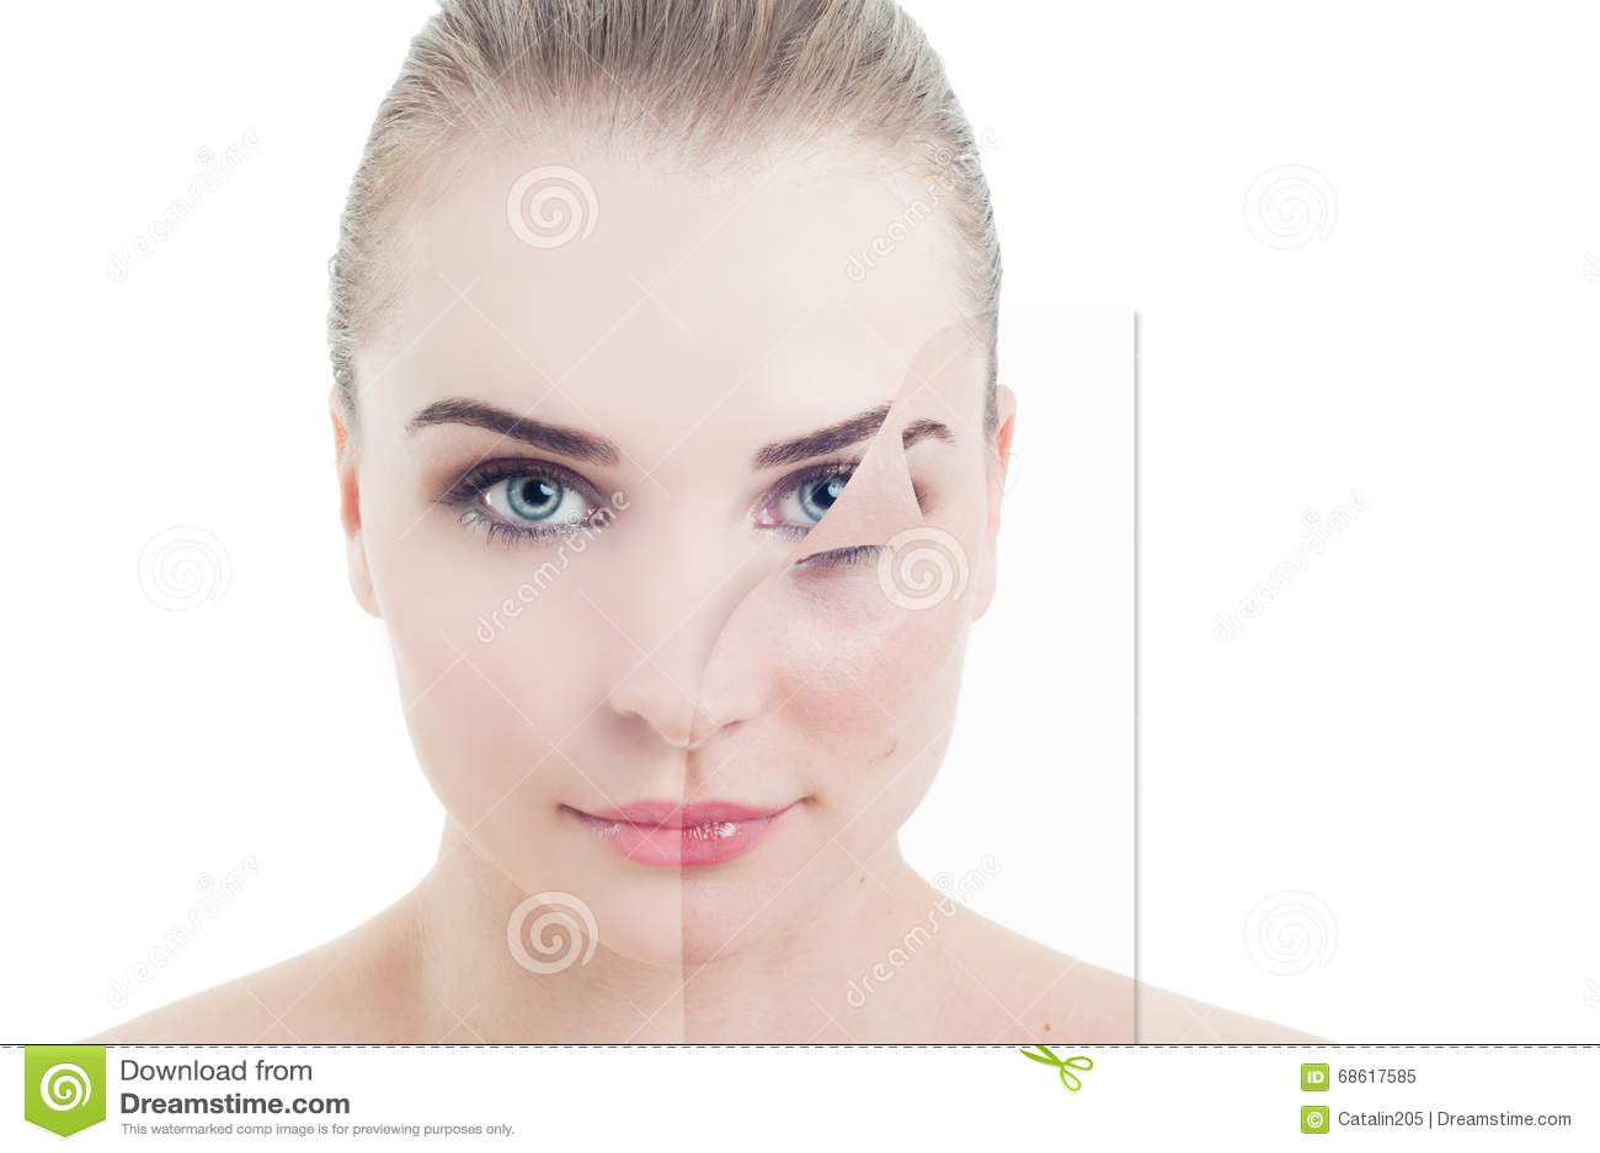 Ritratto di bella femmina con il problema e la pelle perfetta